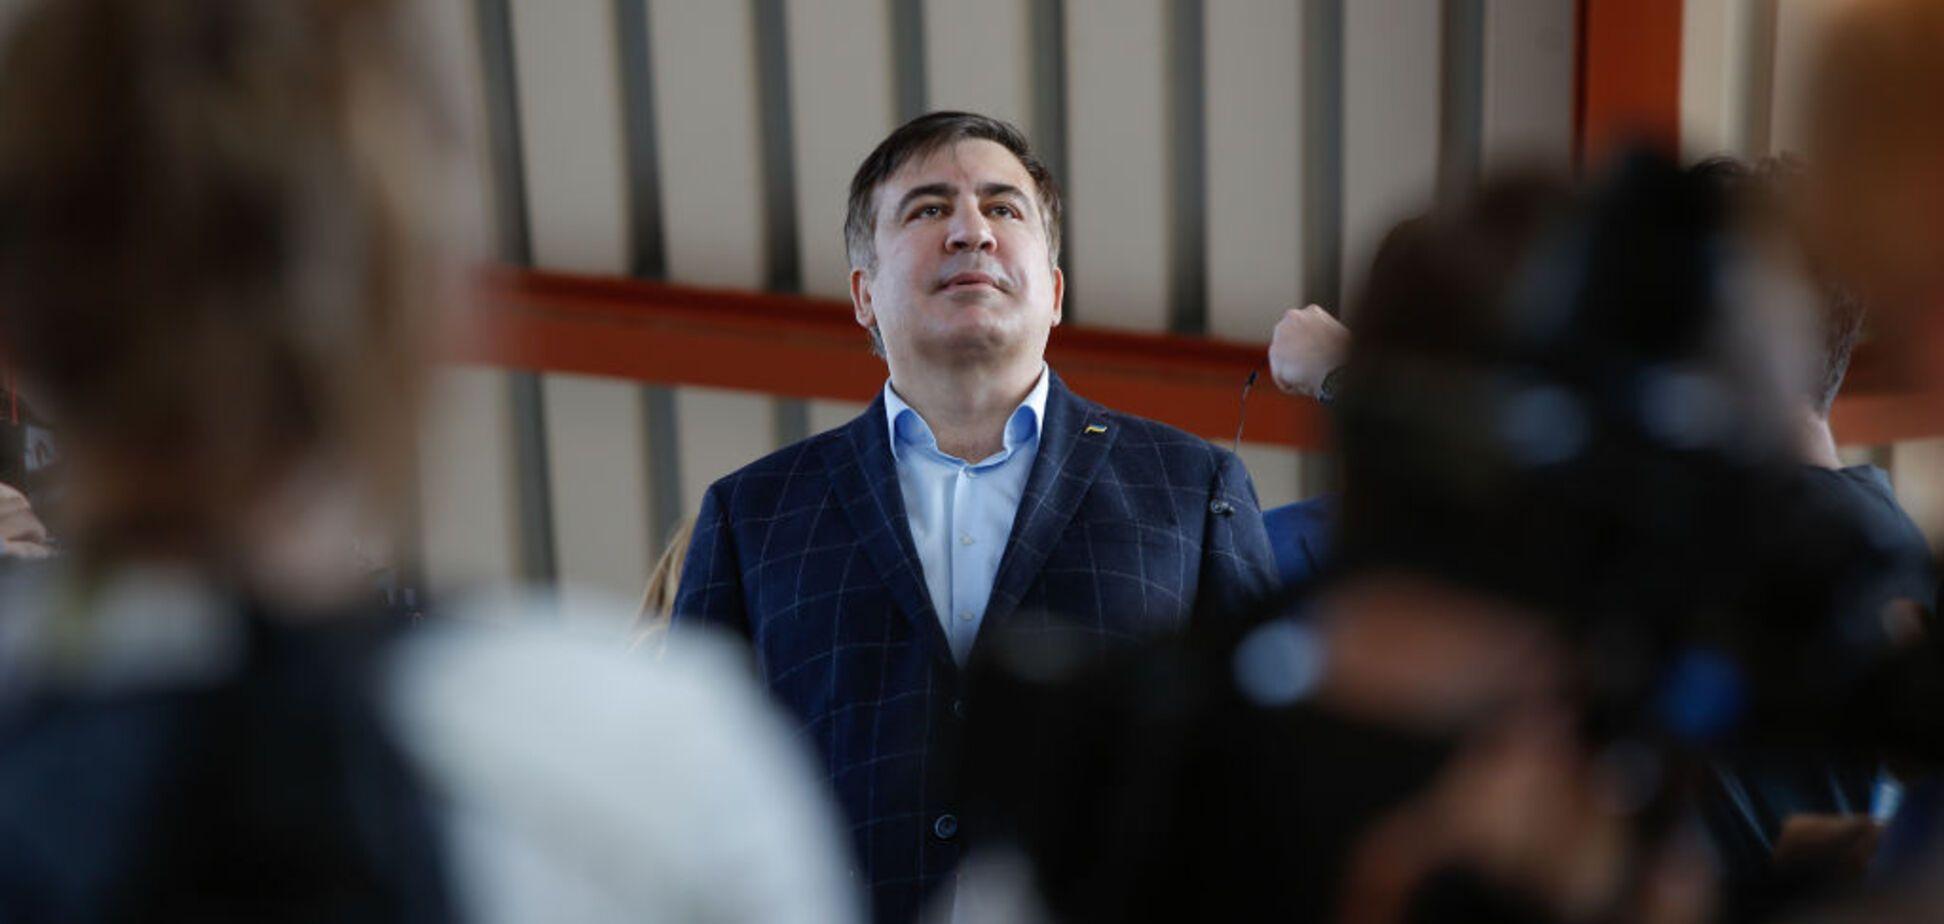 Прорыв Саакашвили в Украину: появилась жесткая реакция штаба АТО